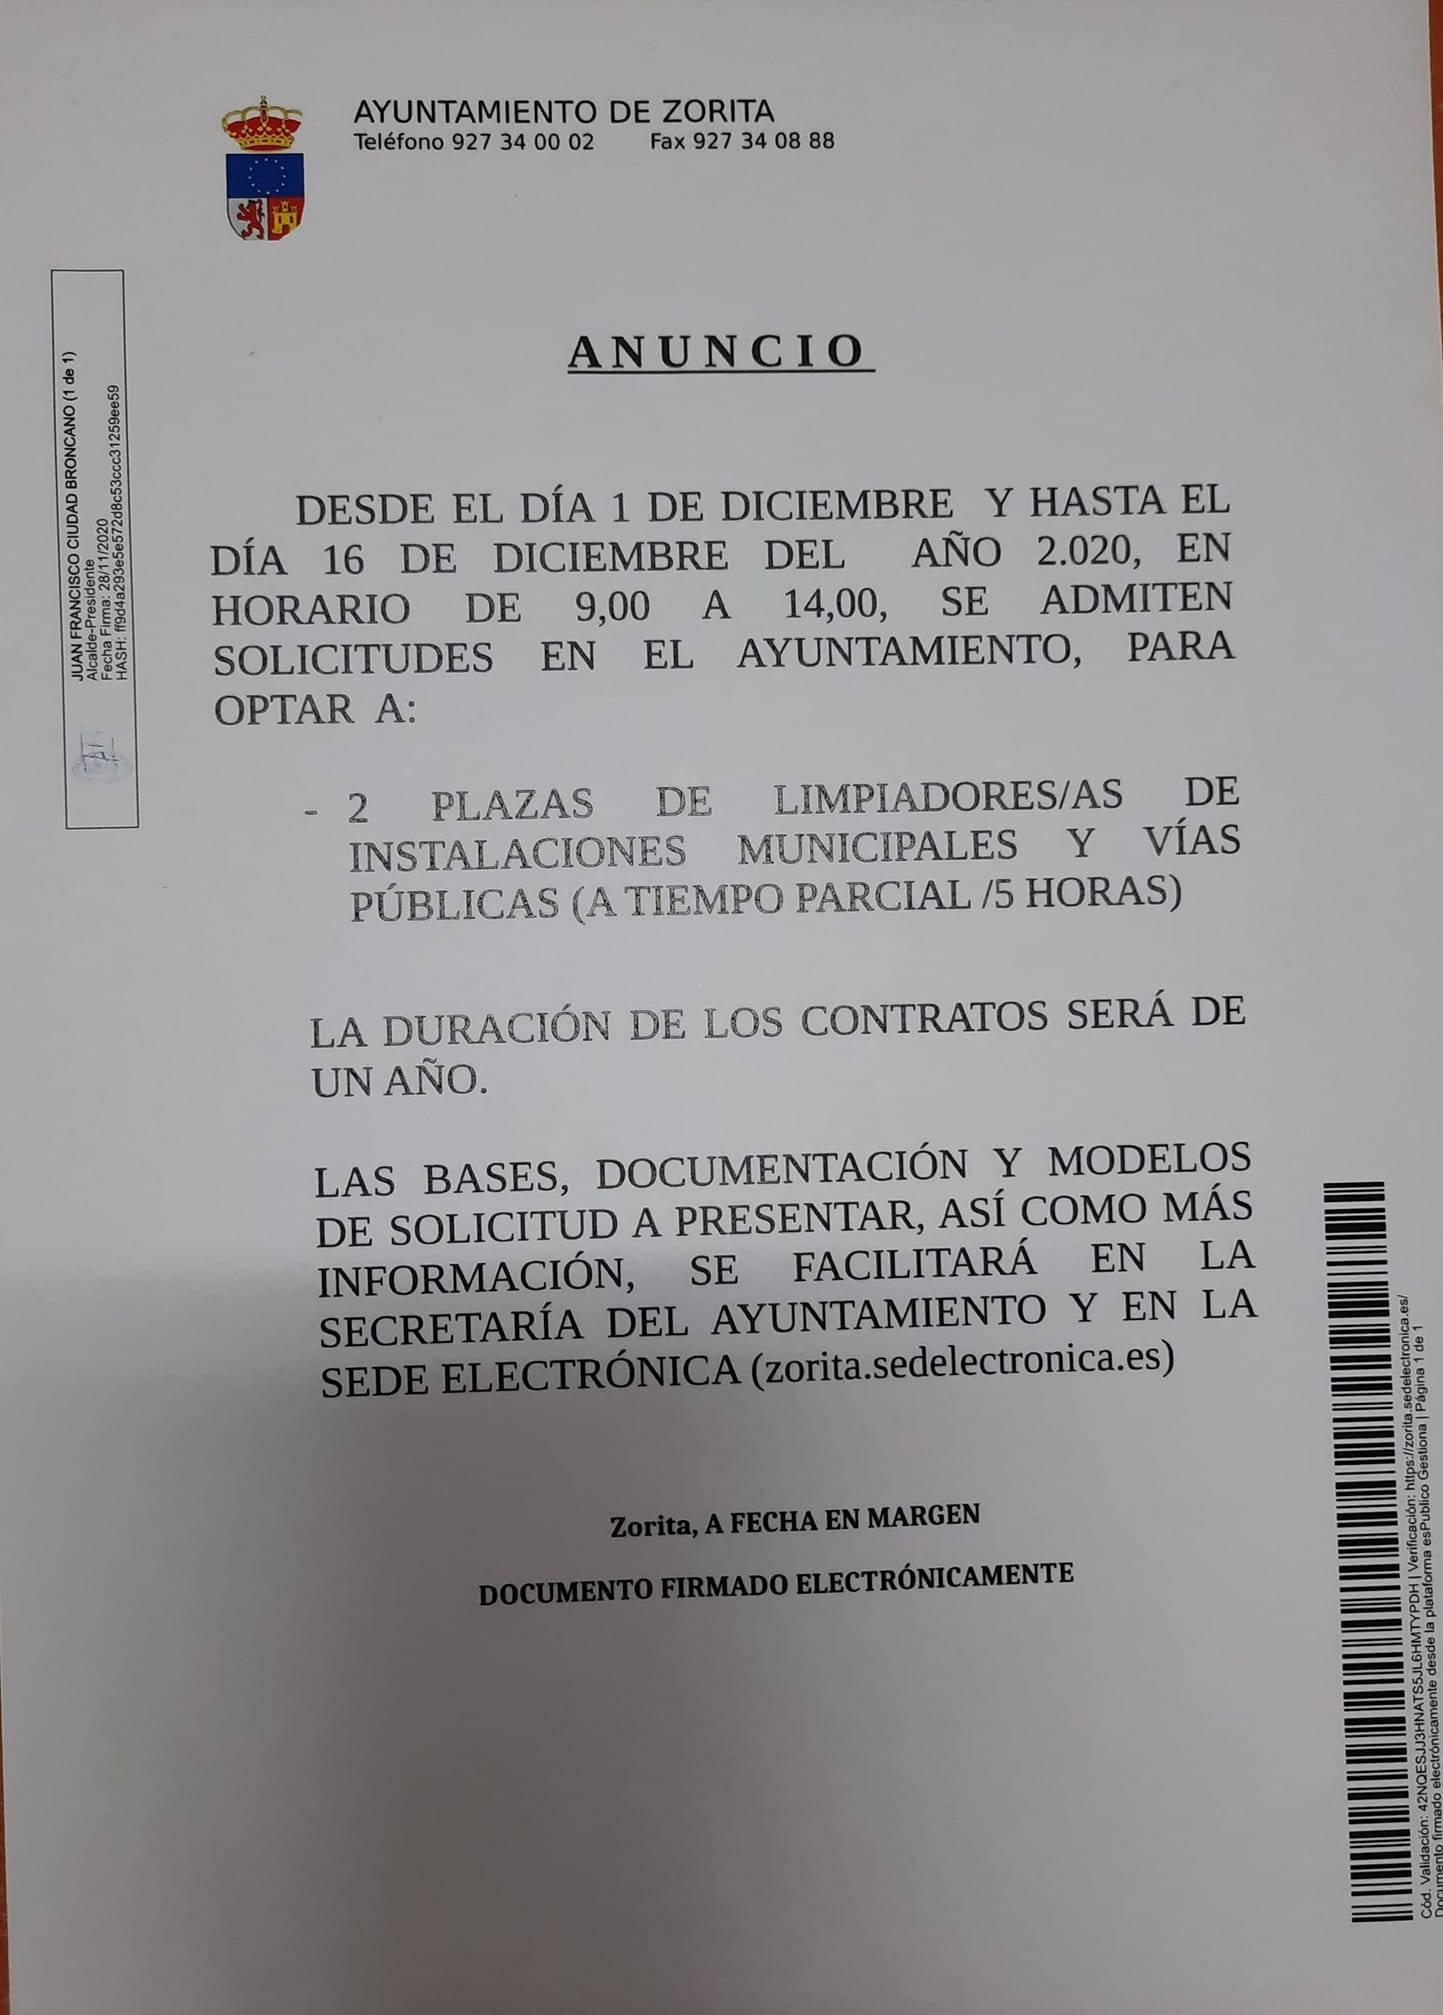 Dos plazas de limpiadores-as (2020) - Zorita (Cáceres)